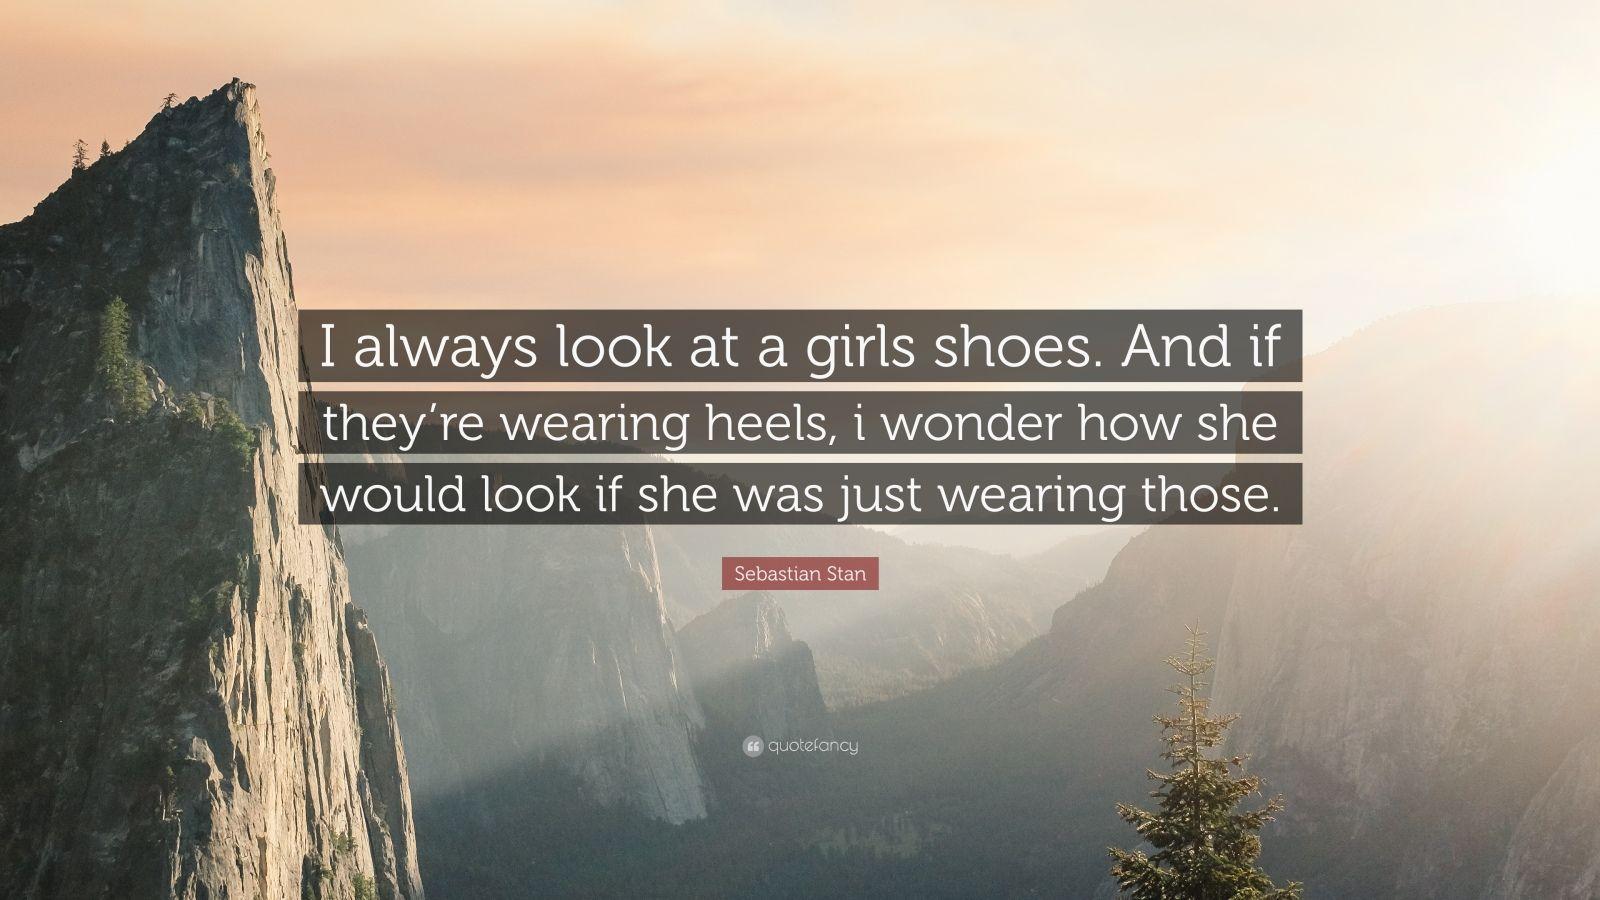 Sebastian Stan Quotes (7 wallpapers) - Quotefancy